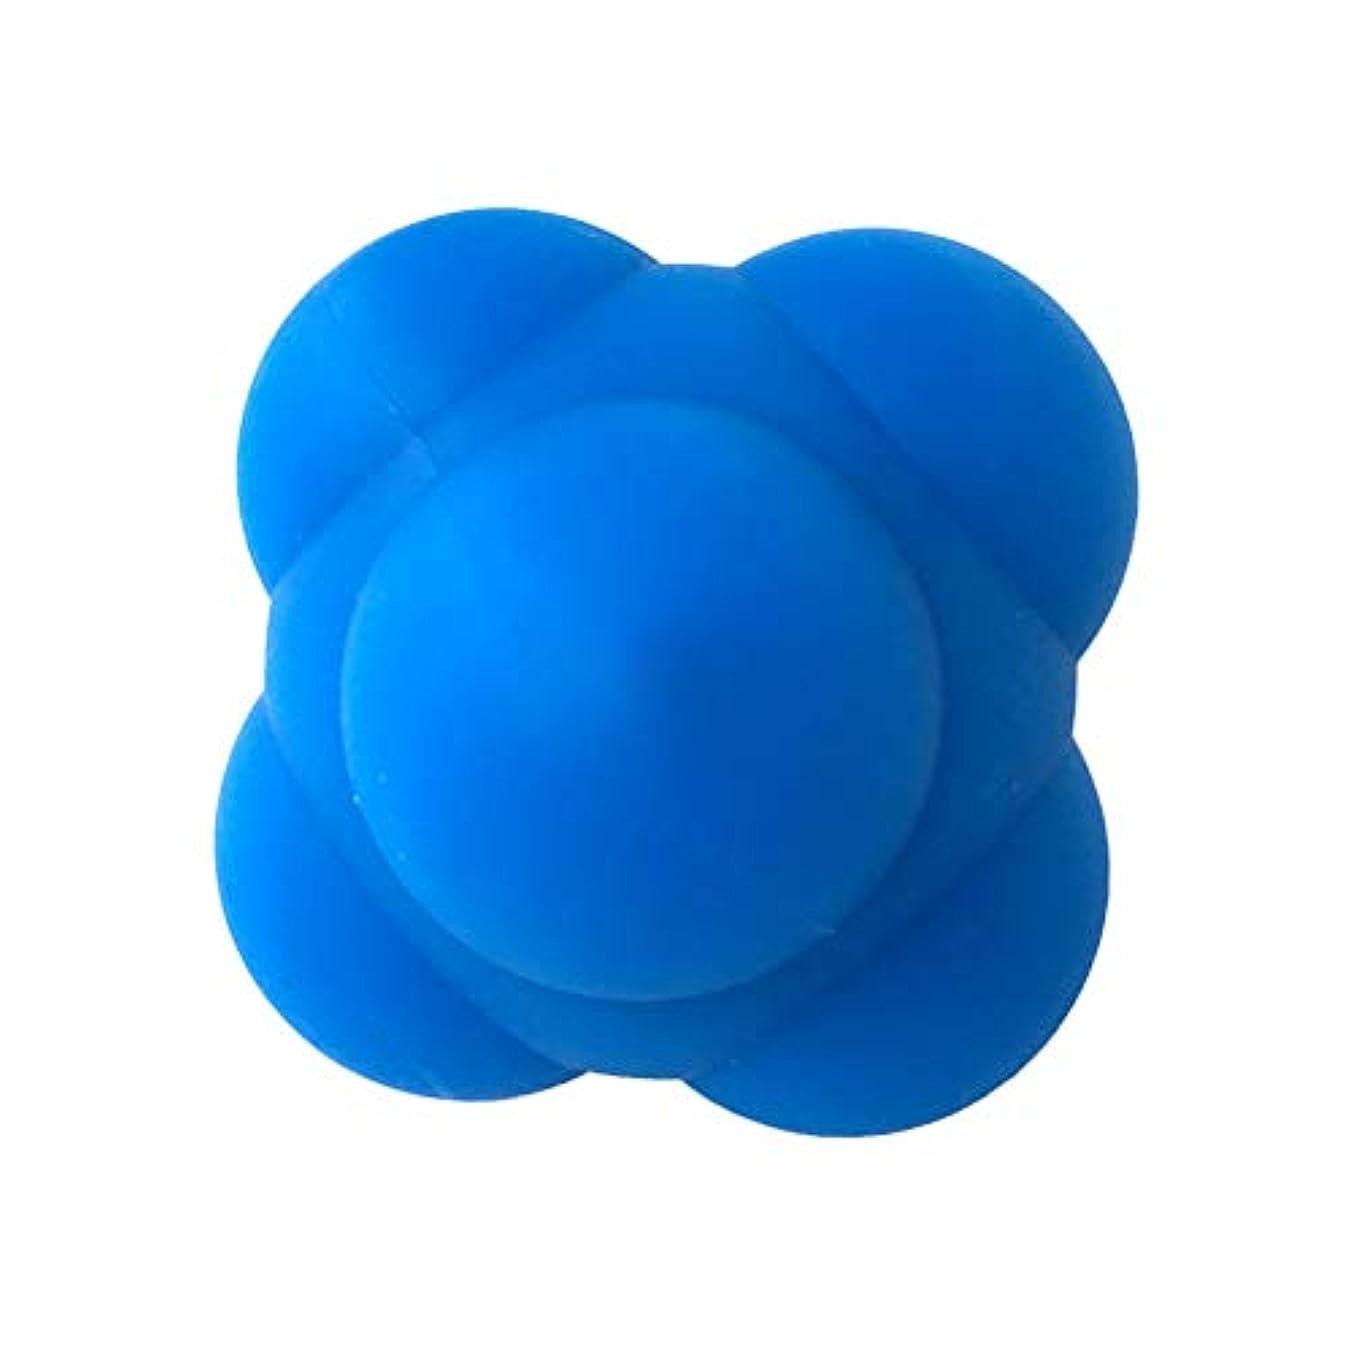 手錠最大いろいろSUPVOX 野球 練習用品 トレーニングボール ヘキサゴンボール リアクションボール スポーツボール6cm(青)